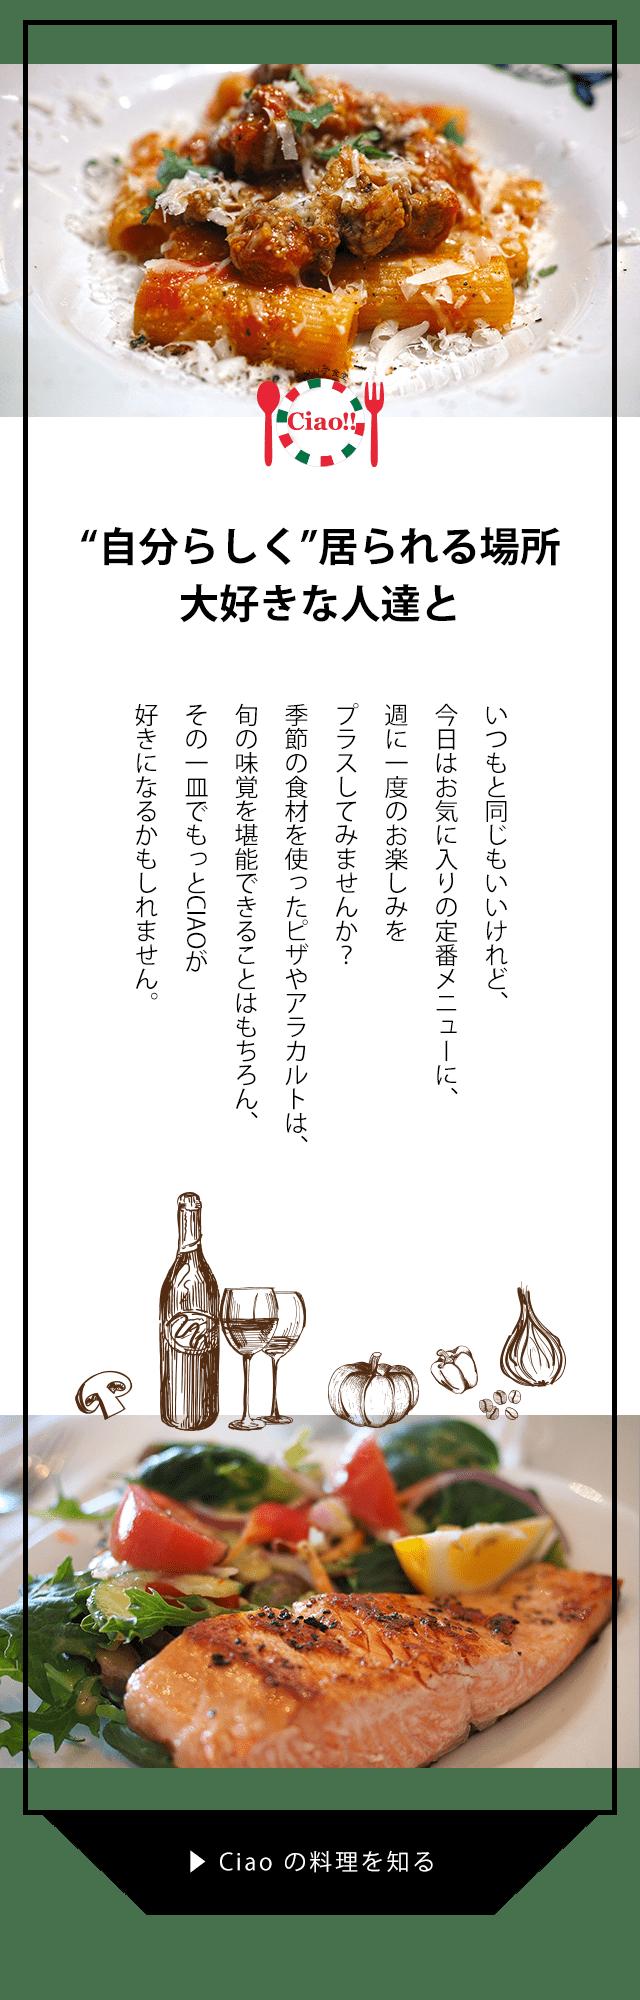 pc2-min (1)